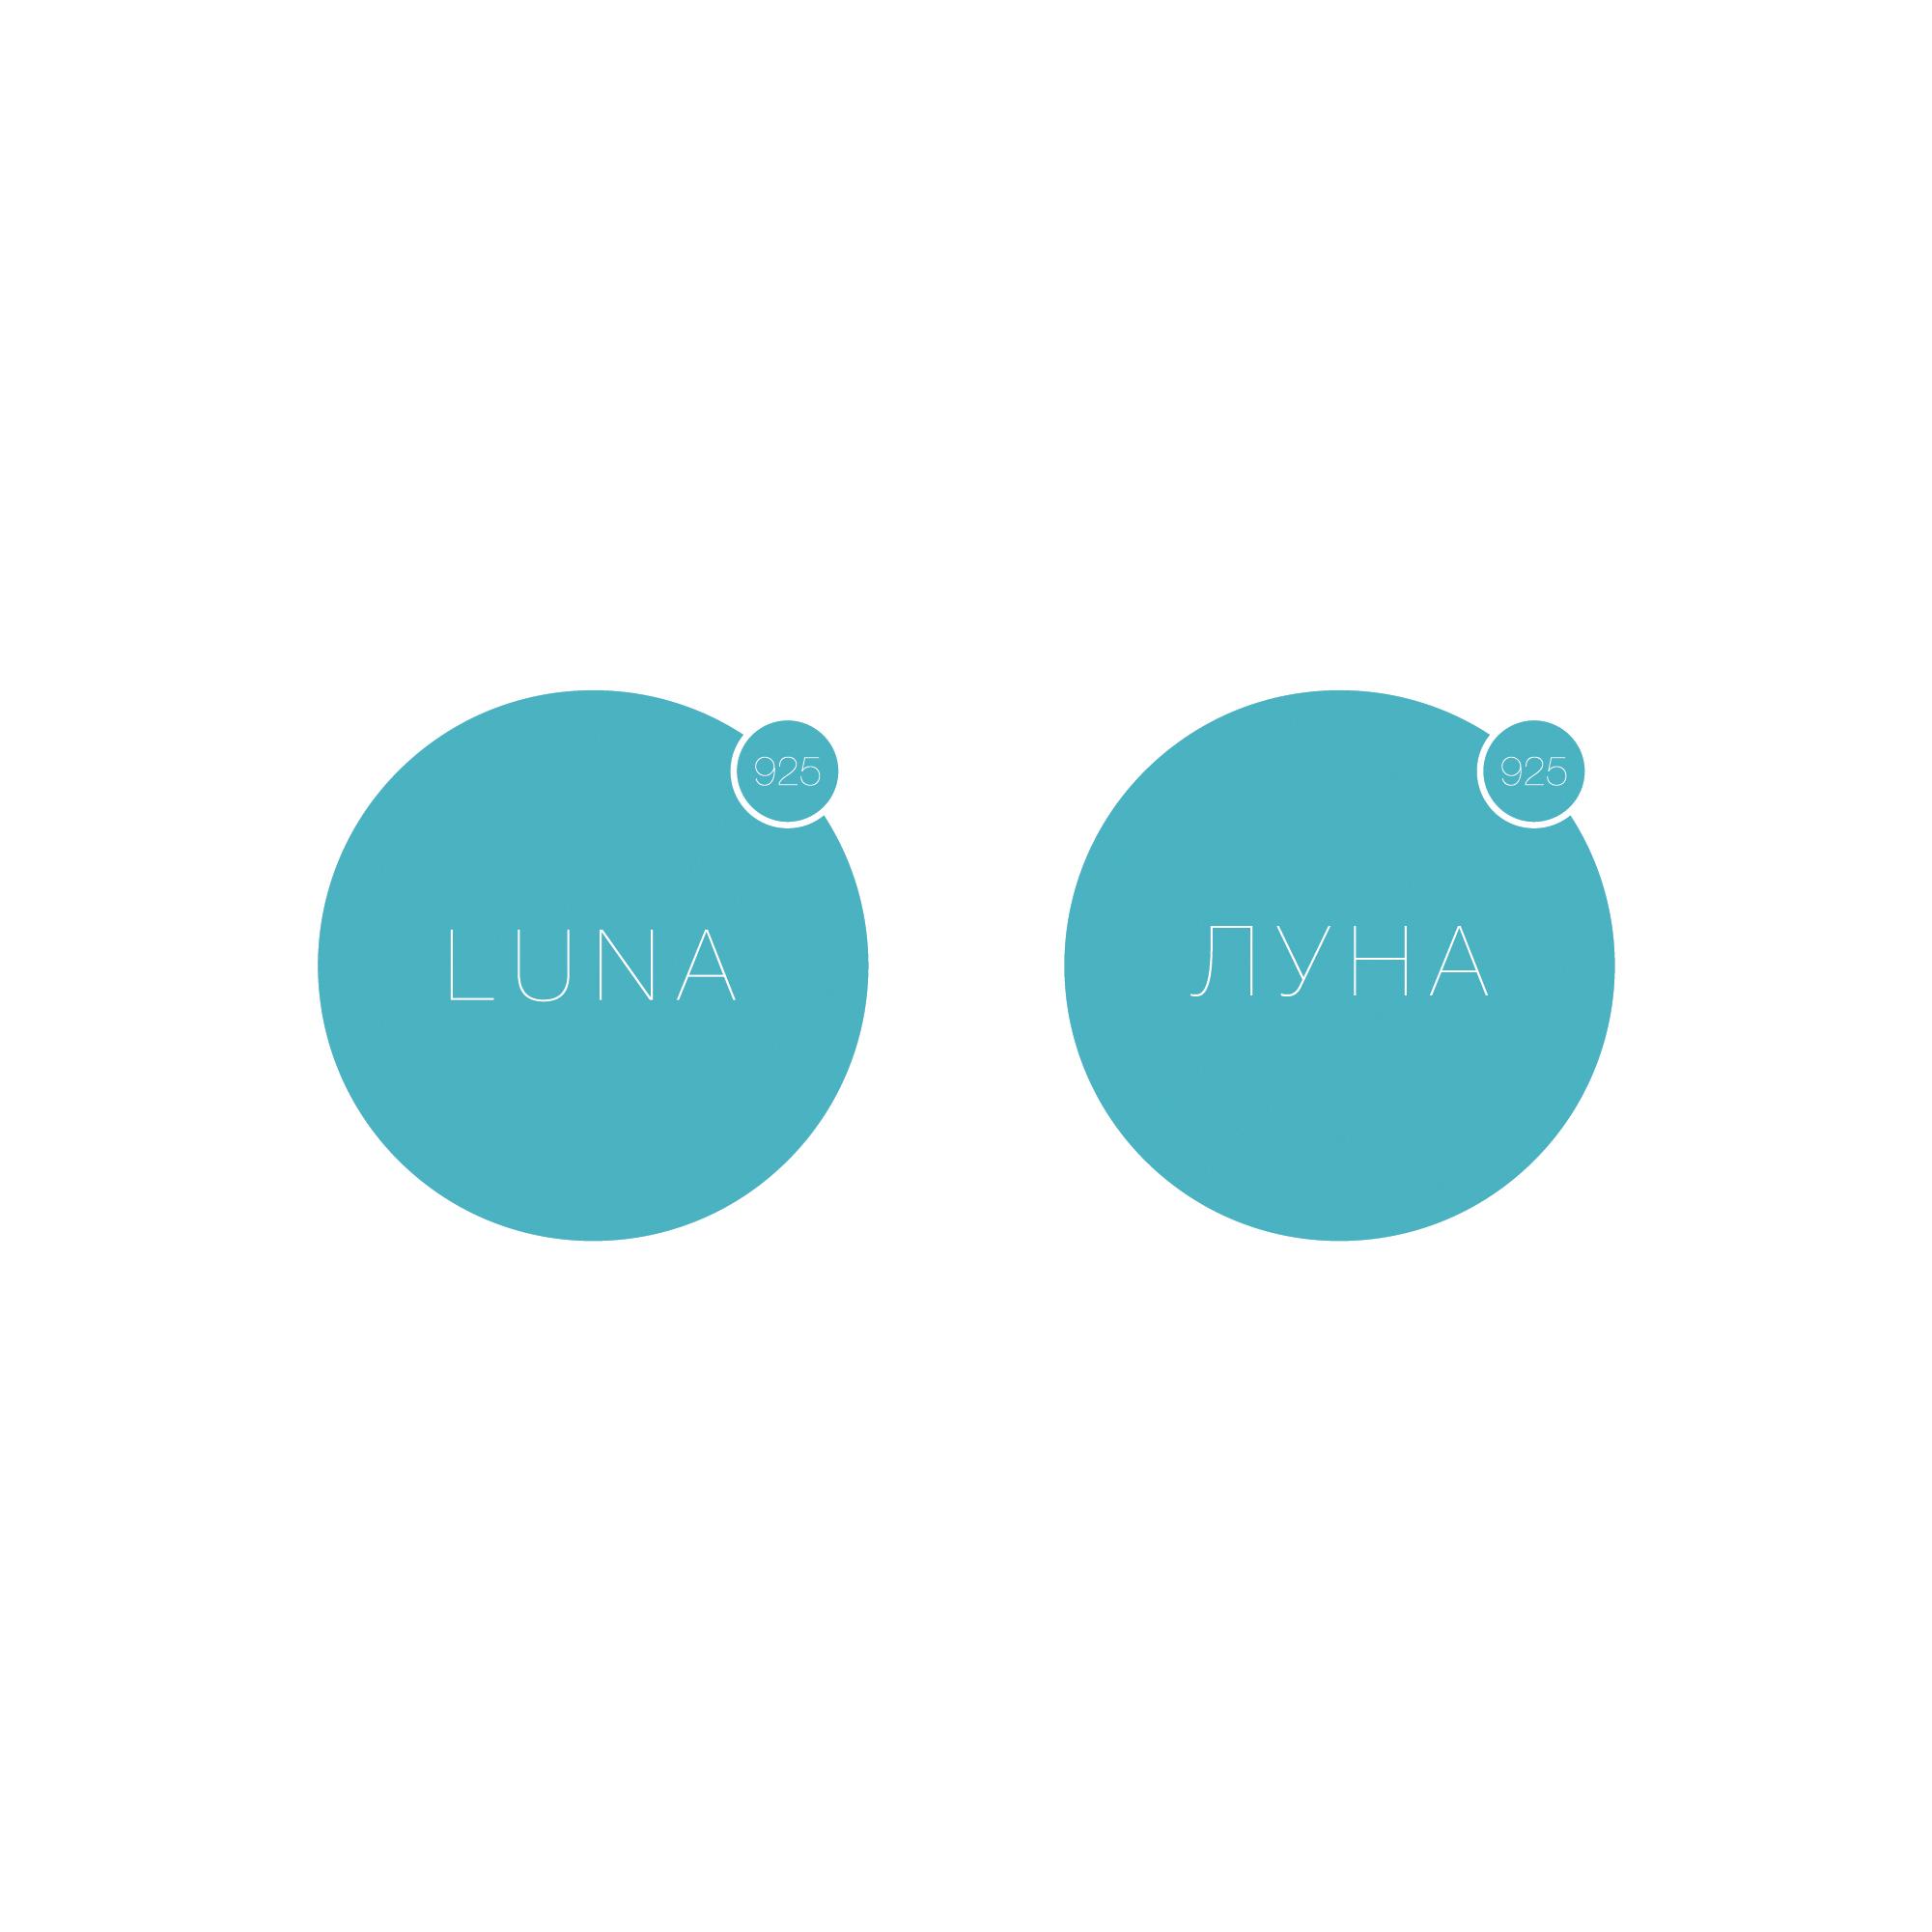 Логотип для столового серебра и посуды из серебра фото f_4195bab795d72506.jpg